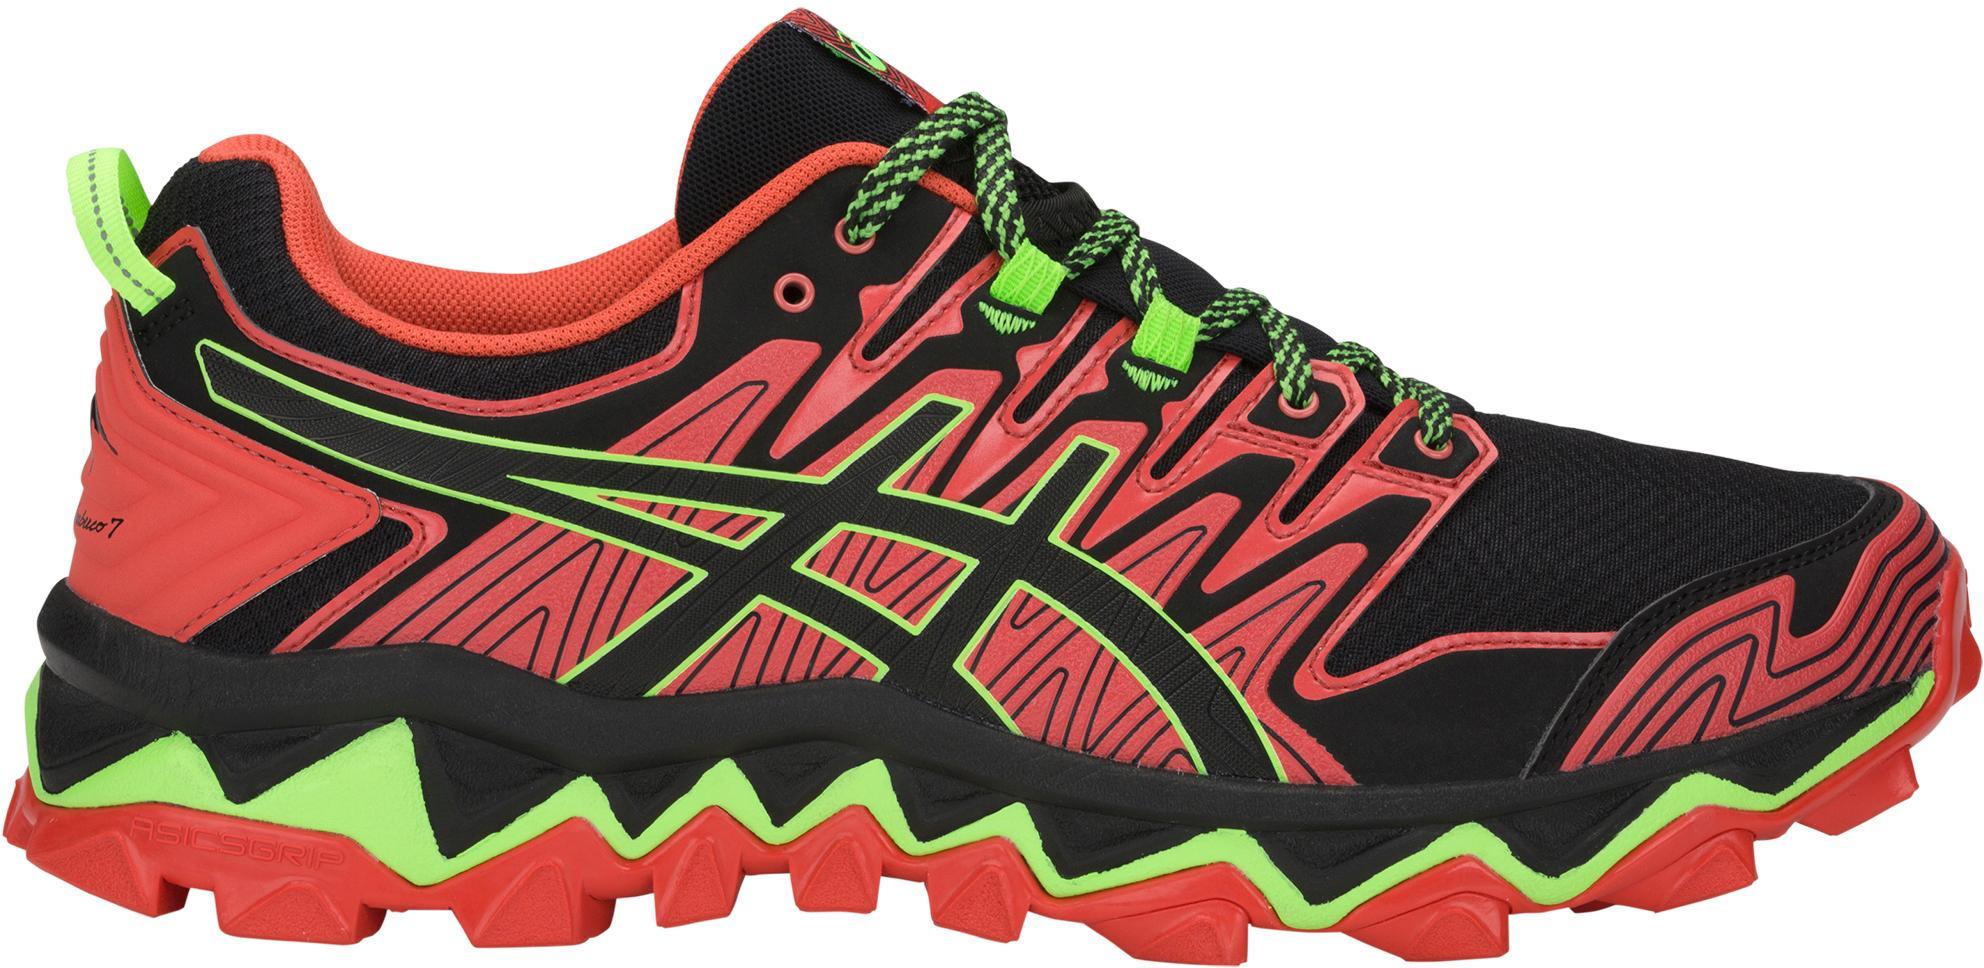 ASICS Gel-Fujitrabuco 7 Laufschuhe Herren rot-snapper-blk im Online Online Online Shop von SportScheck kaufen Gute Qualität beliebte Schuhe 45832a